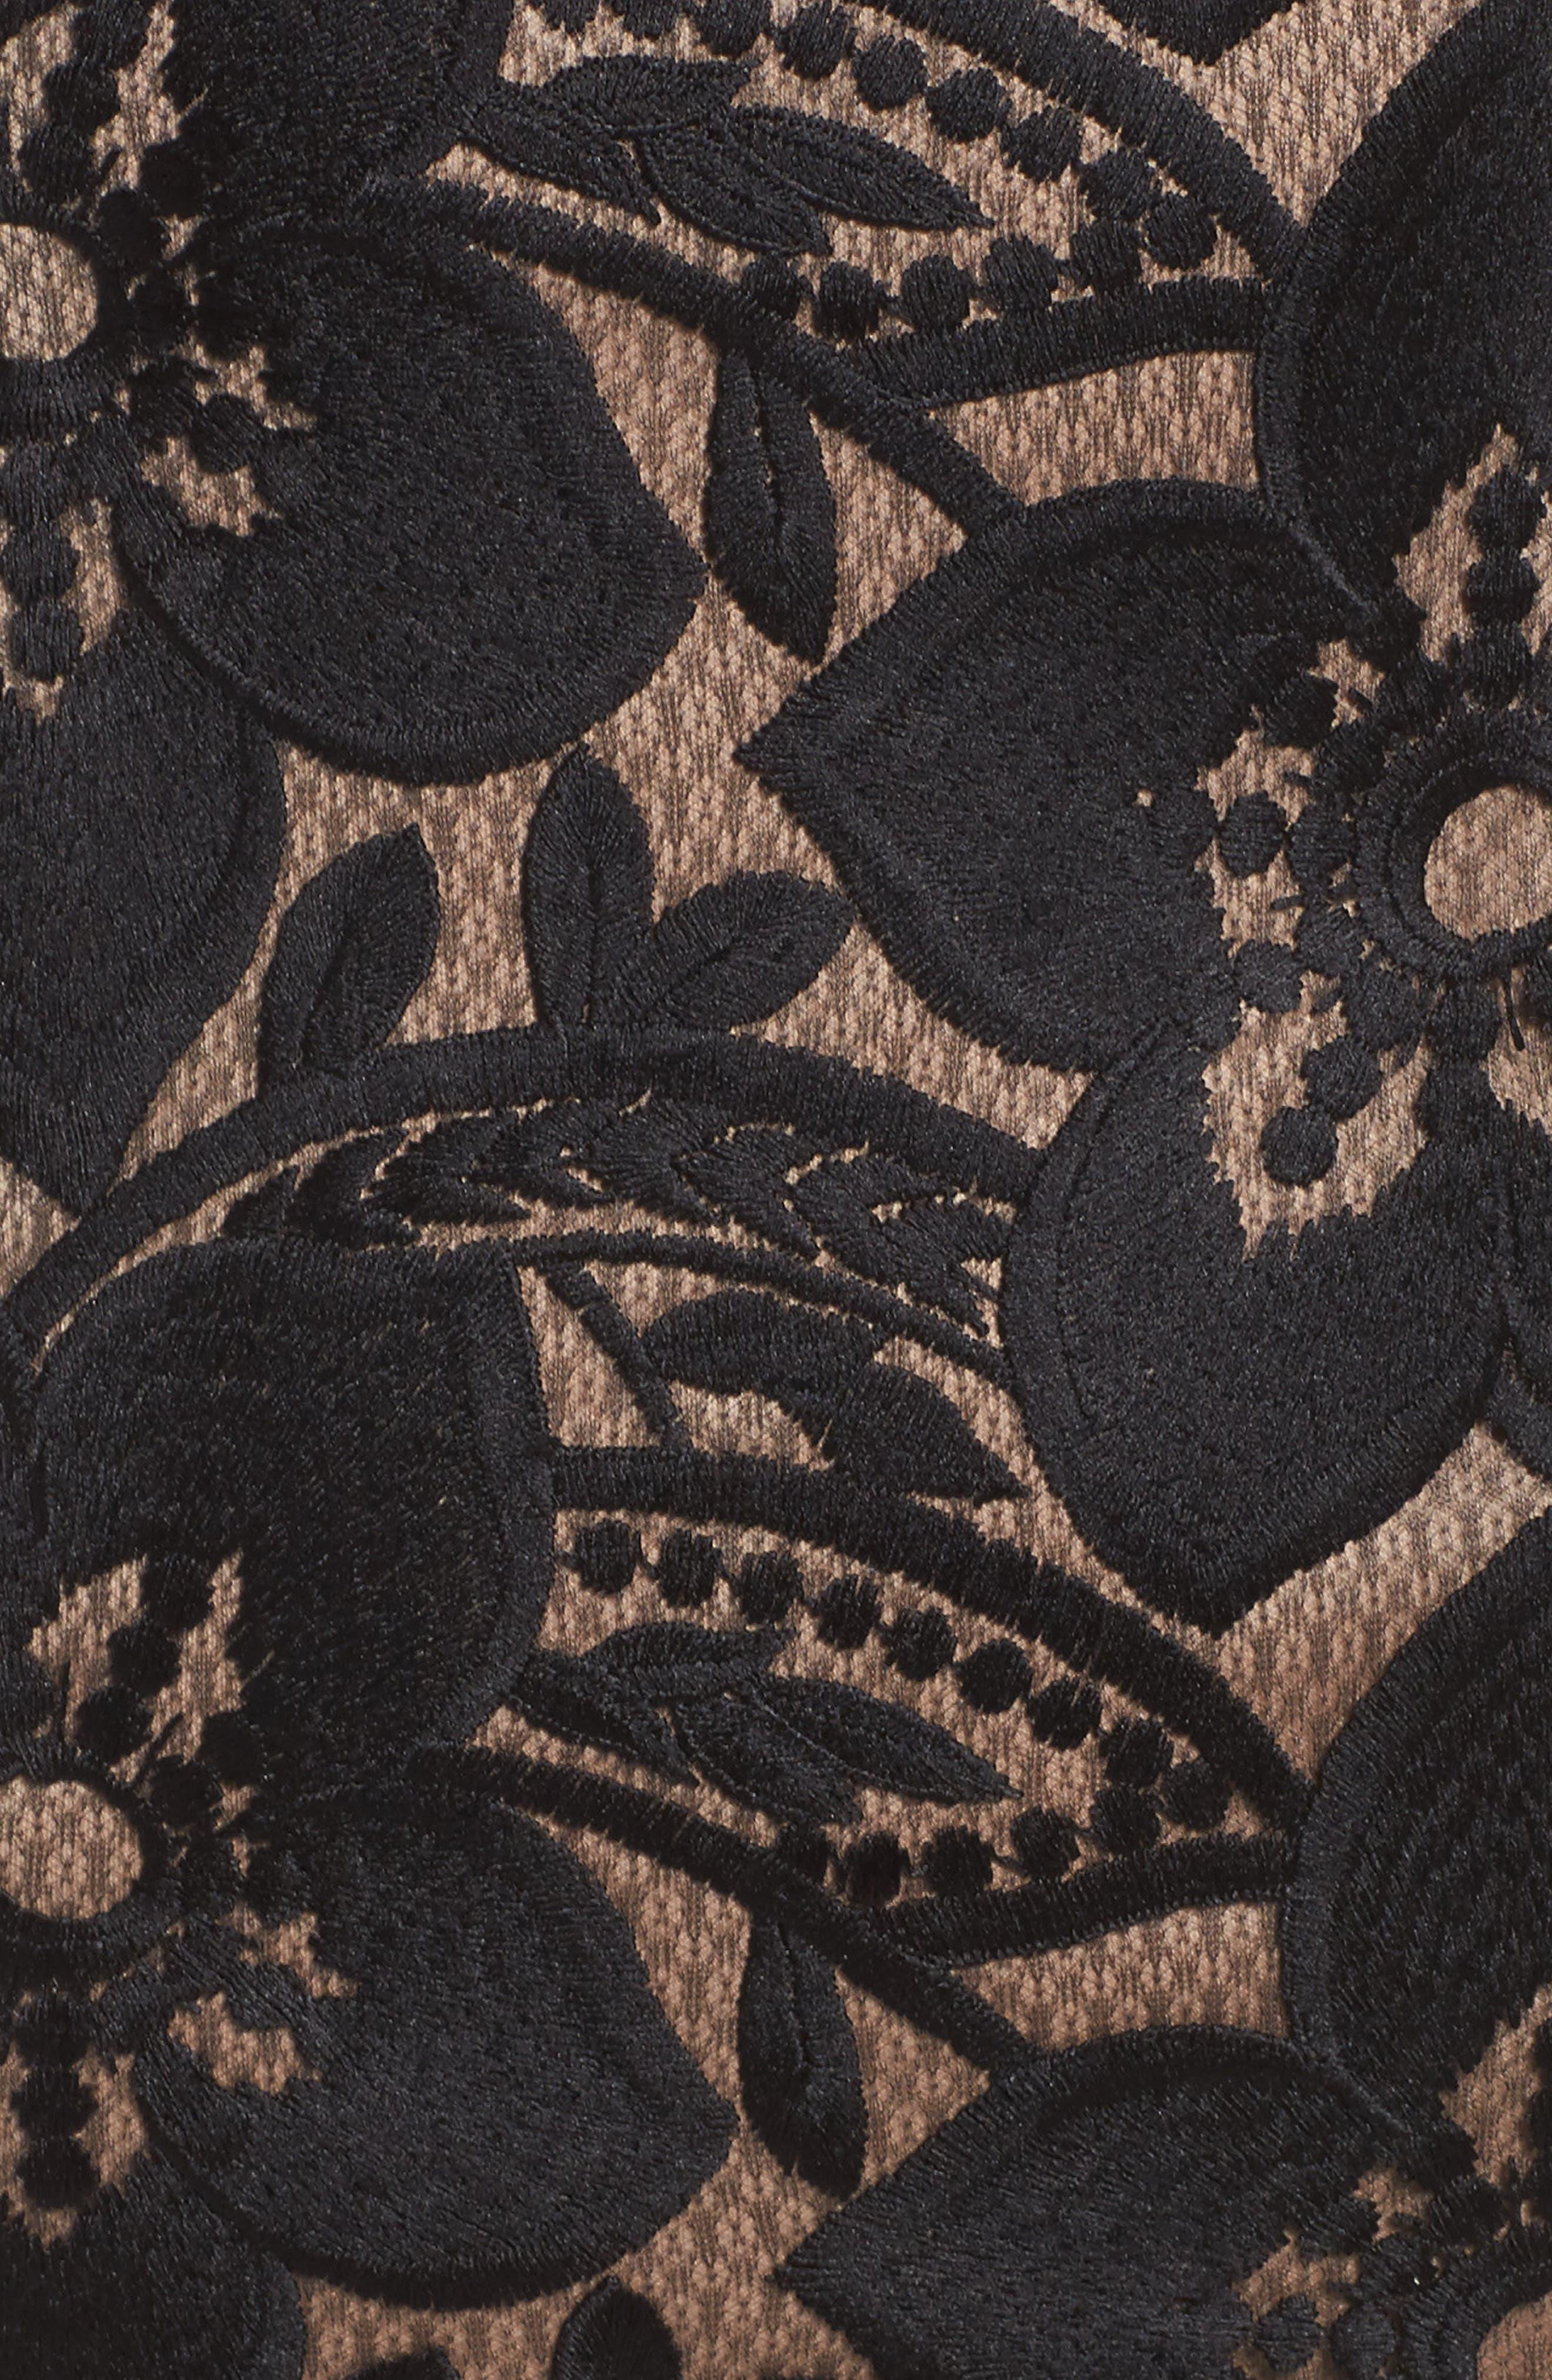 Lace Sheath Dress,                             Alternate thumbnail 5, color,                             Black